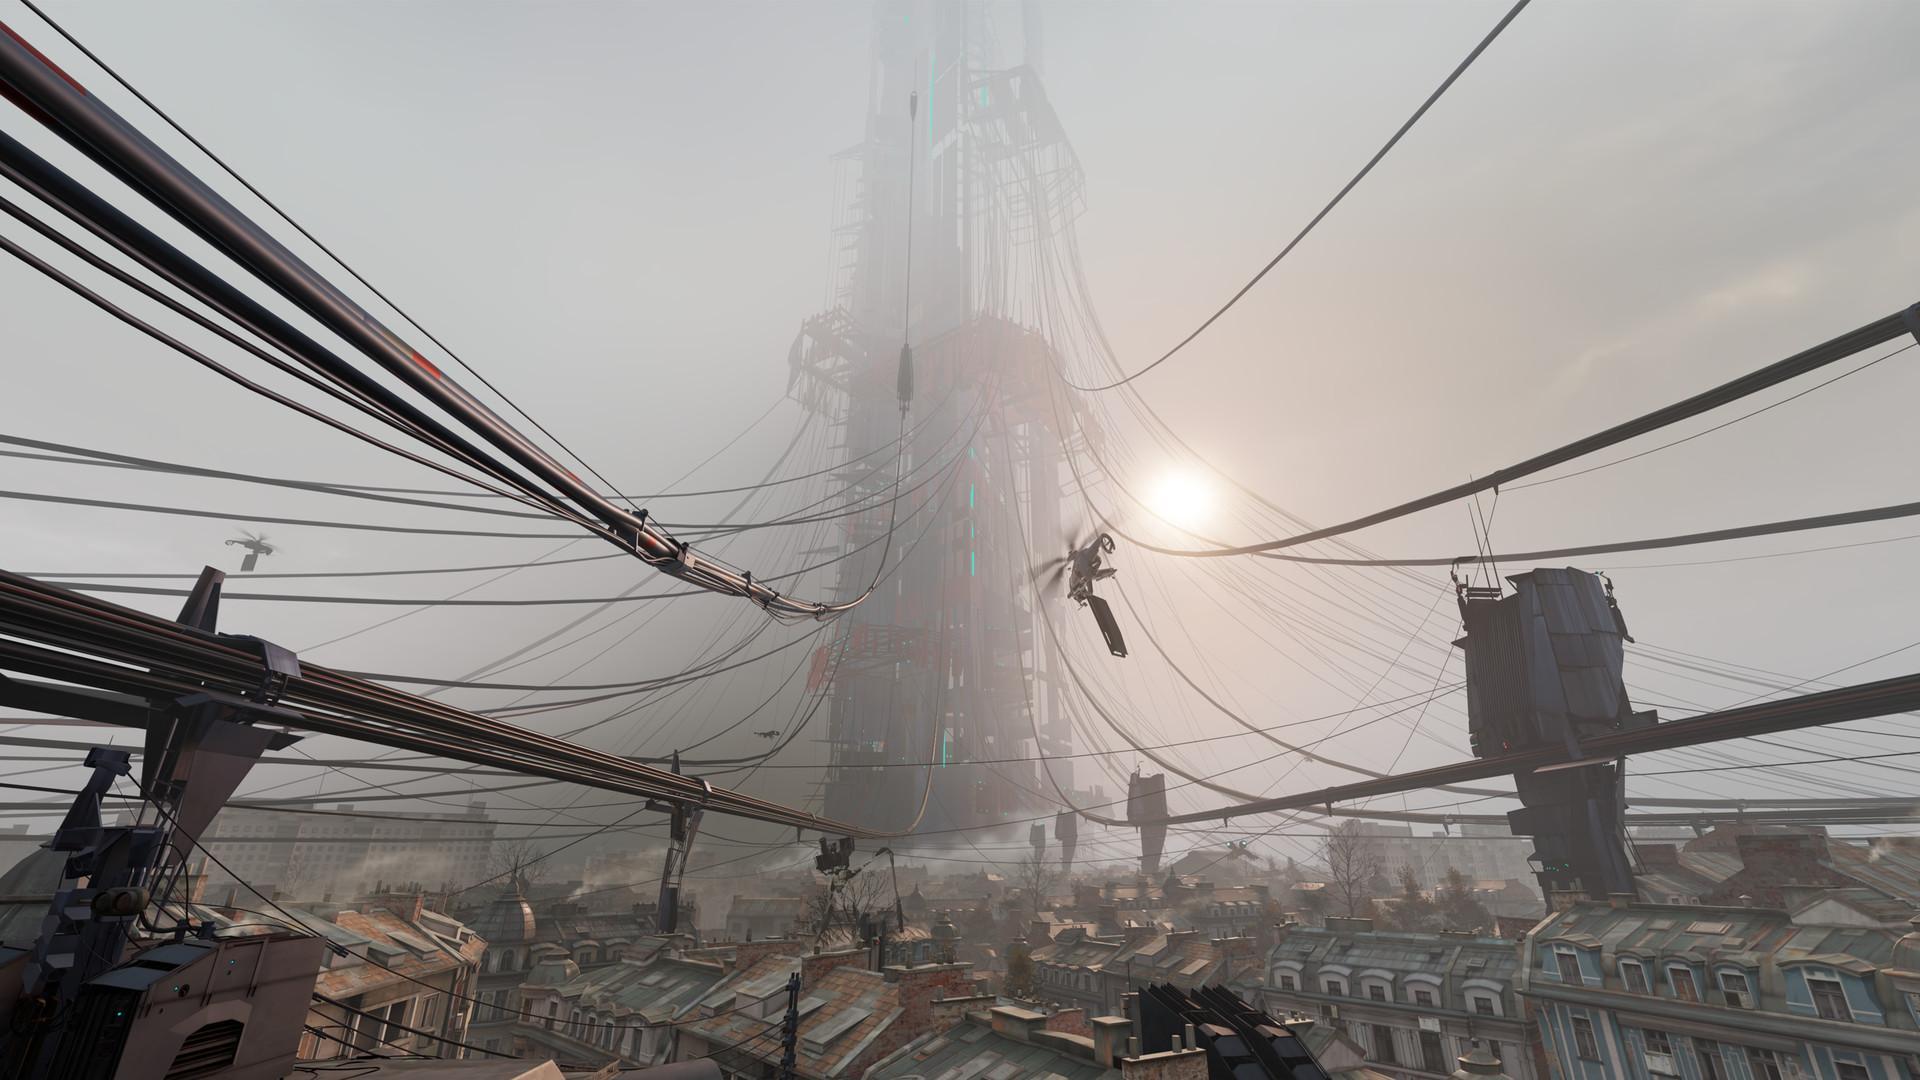 Spillet er bygget på Source 2, som bringer oss betydelig videre fra den forholdsvis gamle grafikken i de forrige spillene.